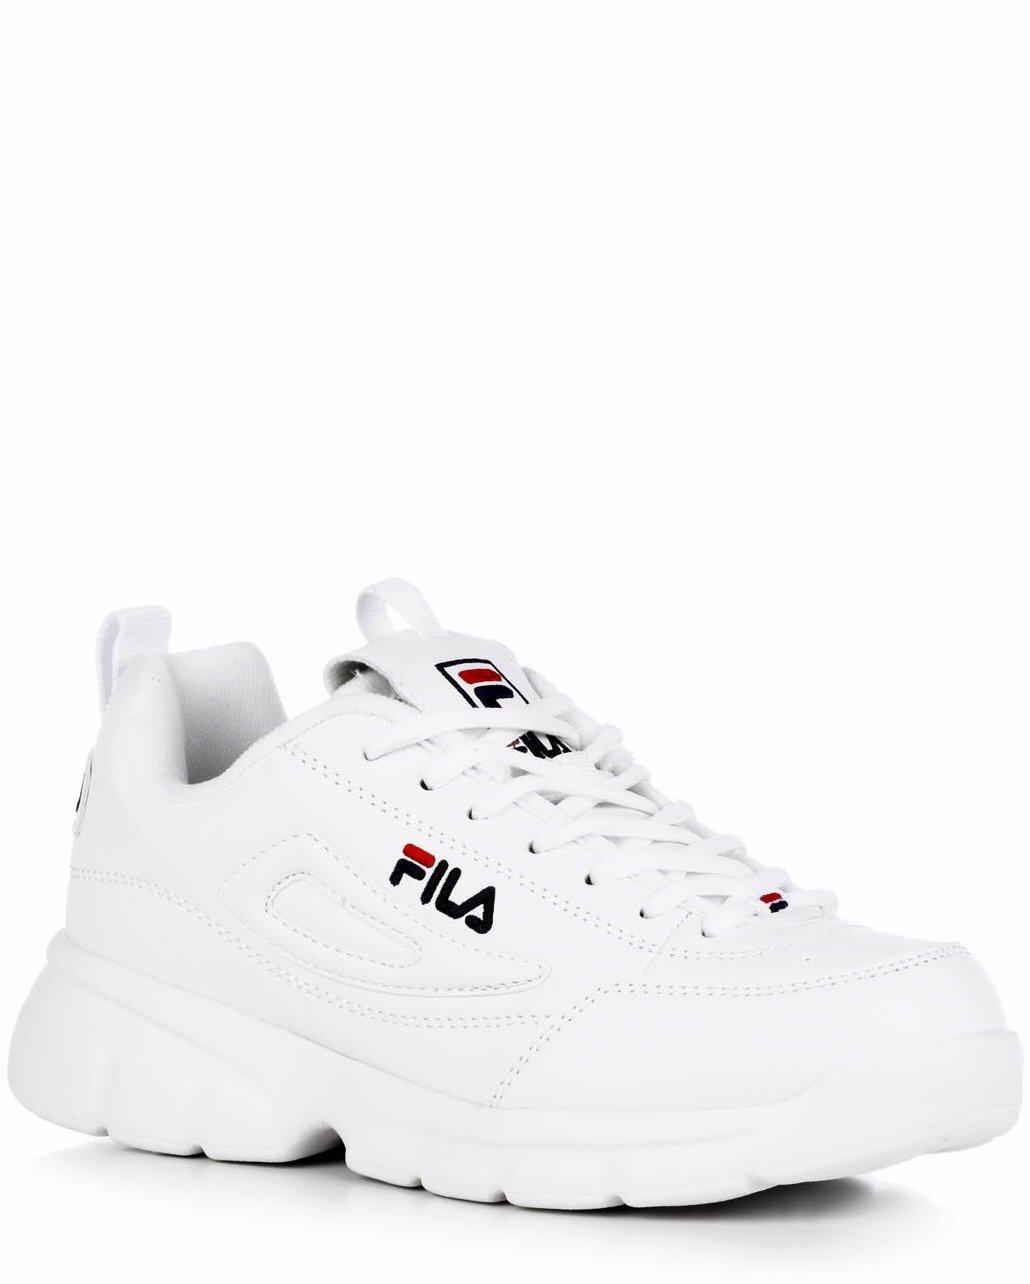 MYSALE | FILA Disruptor Se Training Shoe